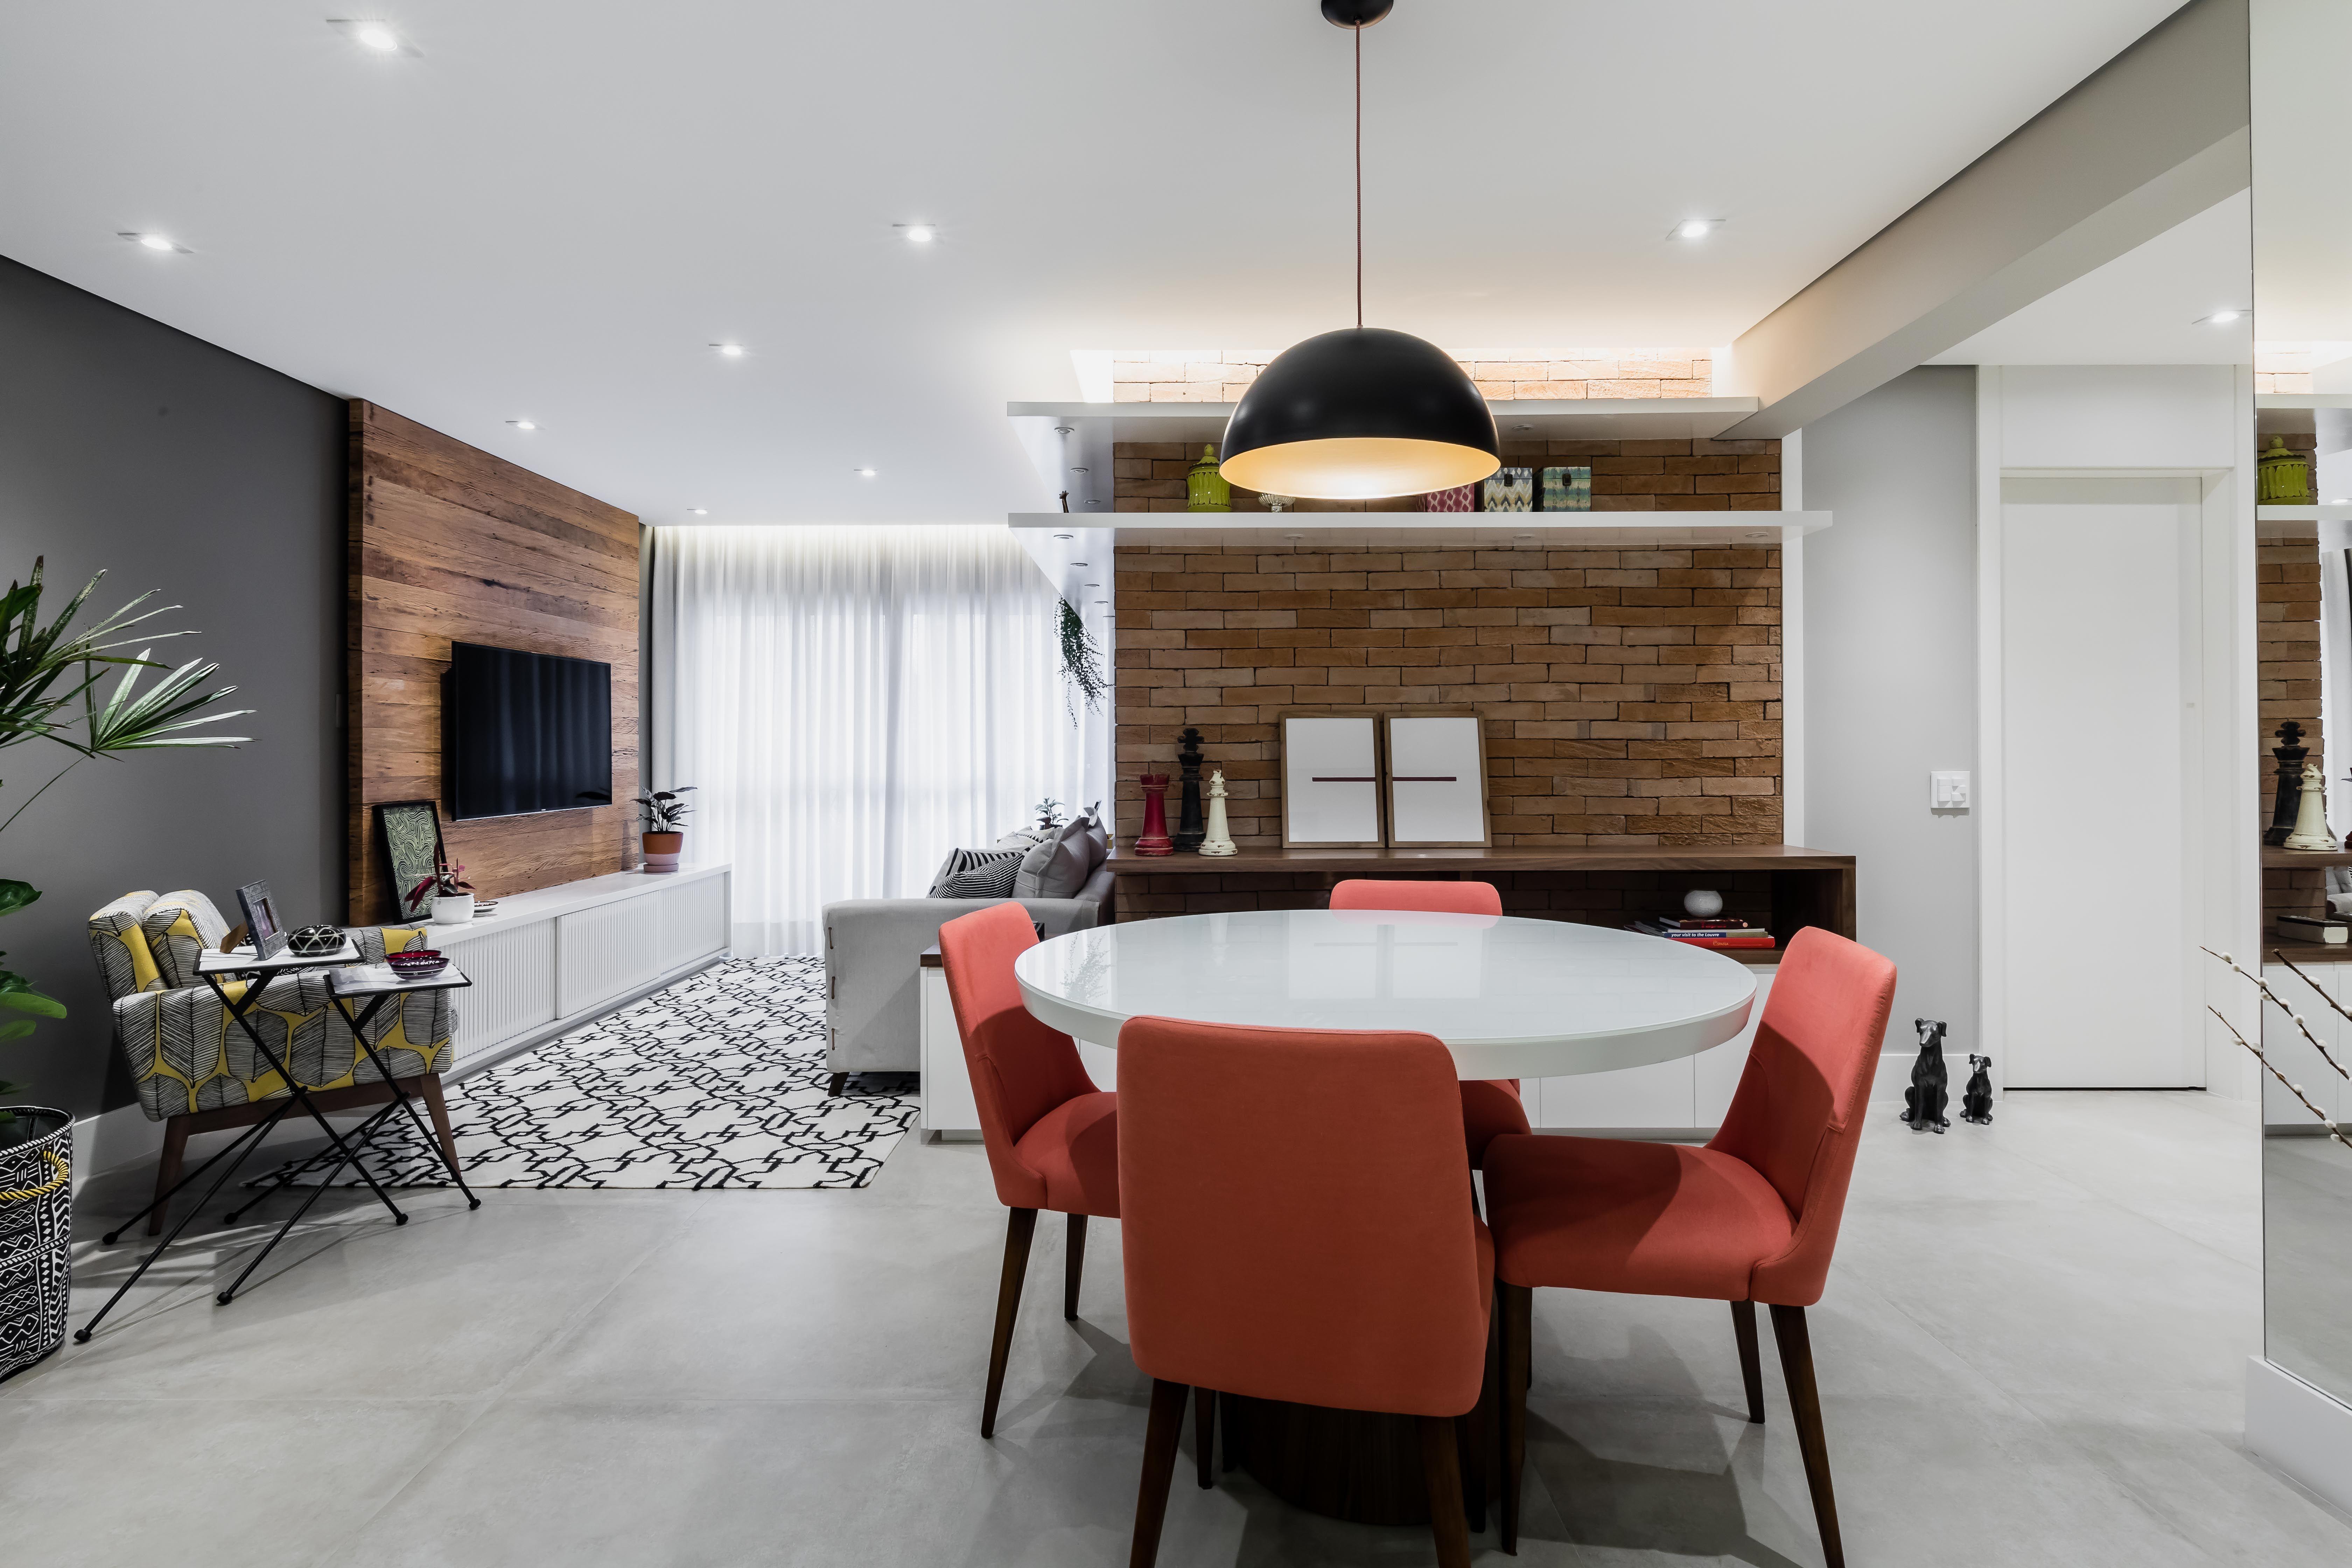 Beau #muitoamorporesteapartamento #queromorarnele ##dudasennahomedecor #decor # Interiores #interiorstyle #arquitetura #